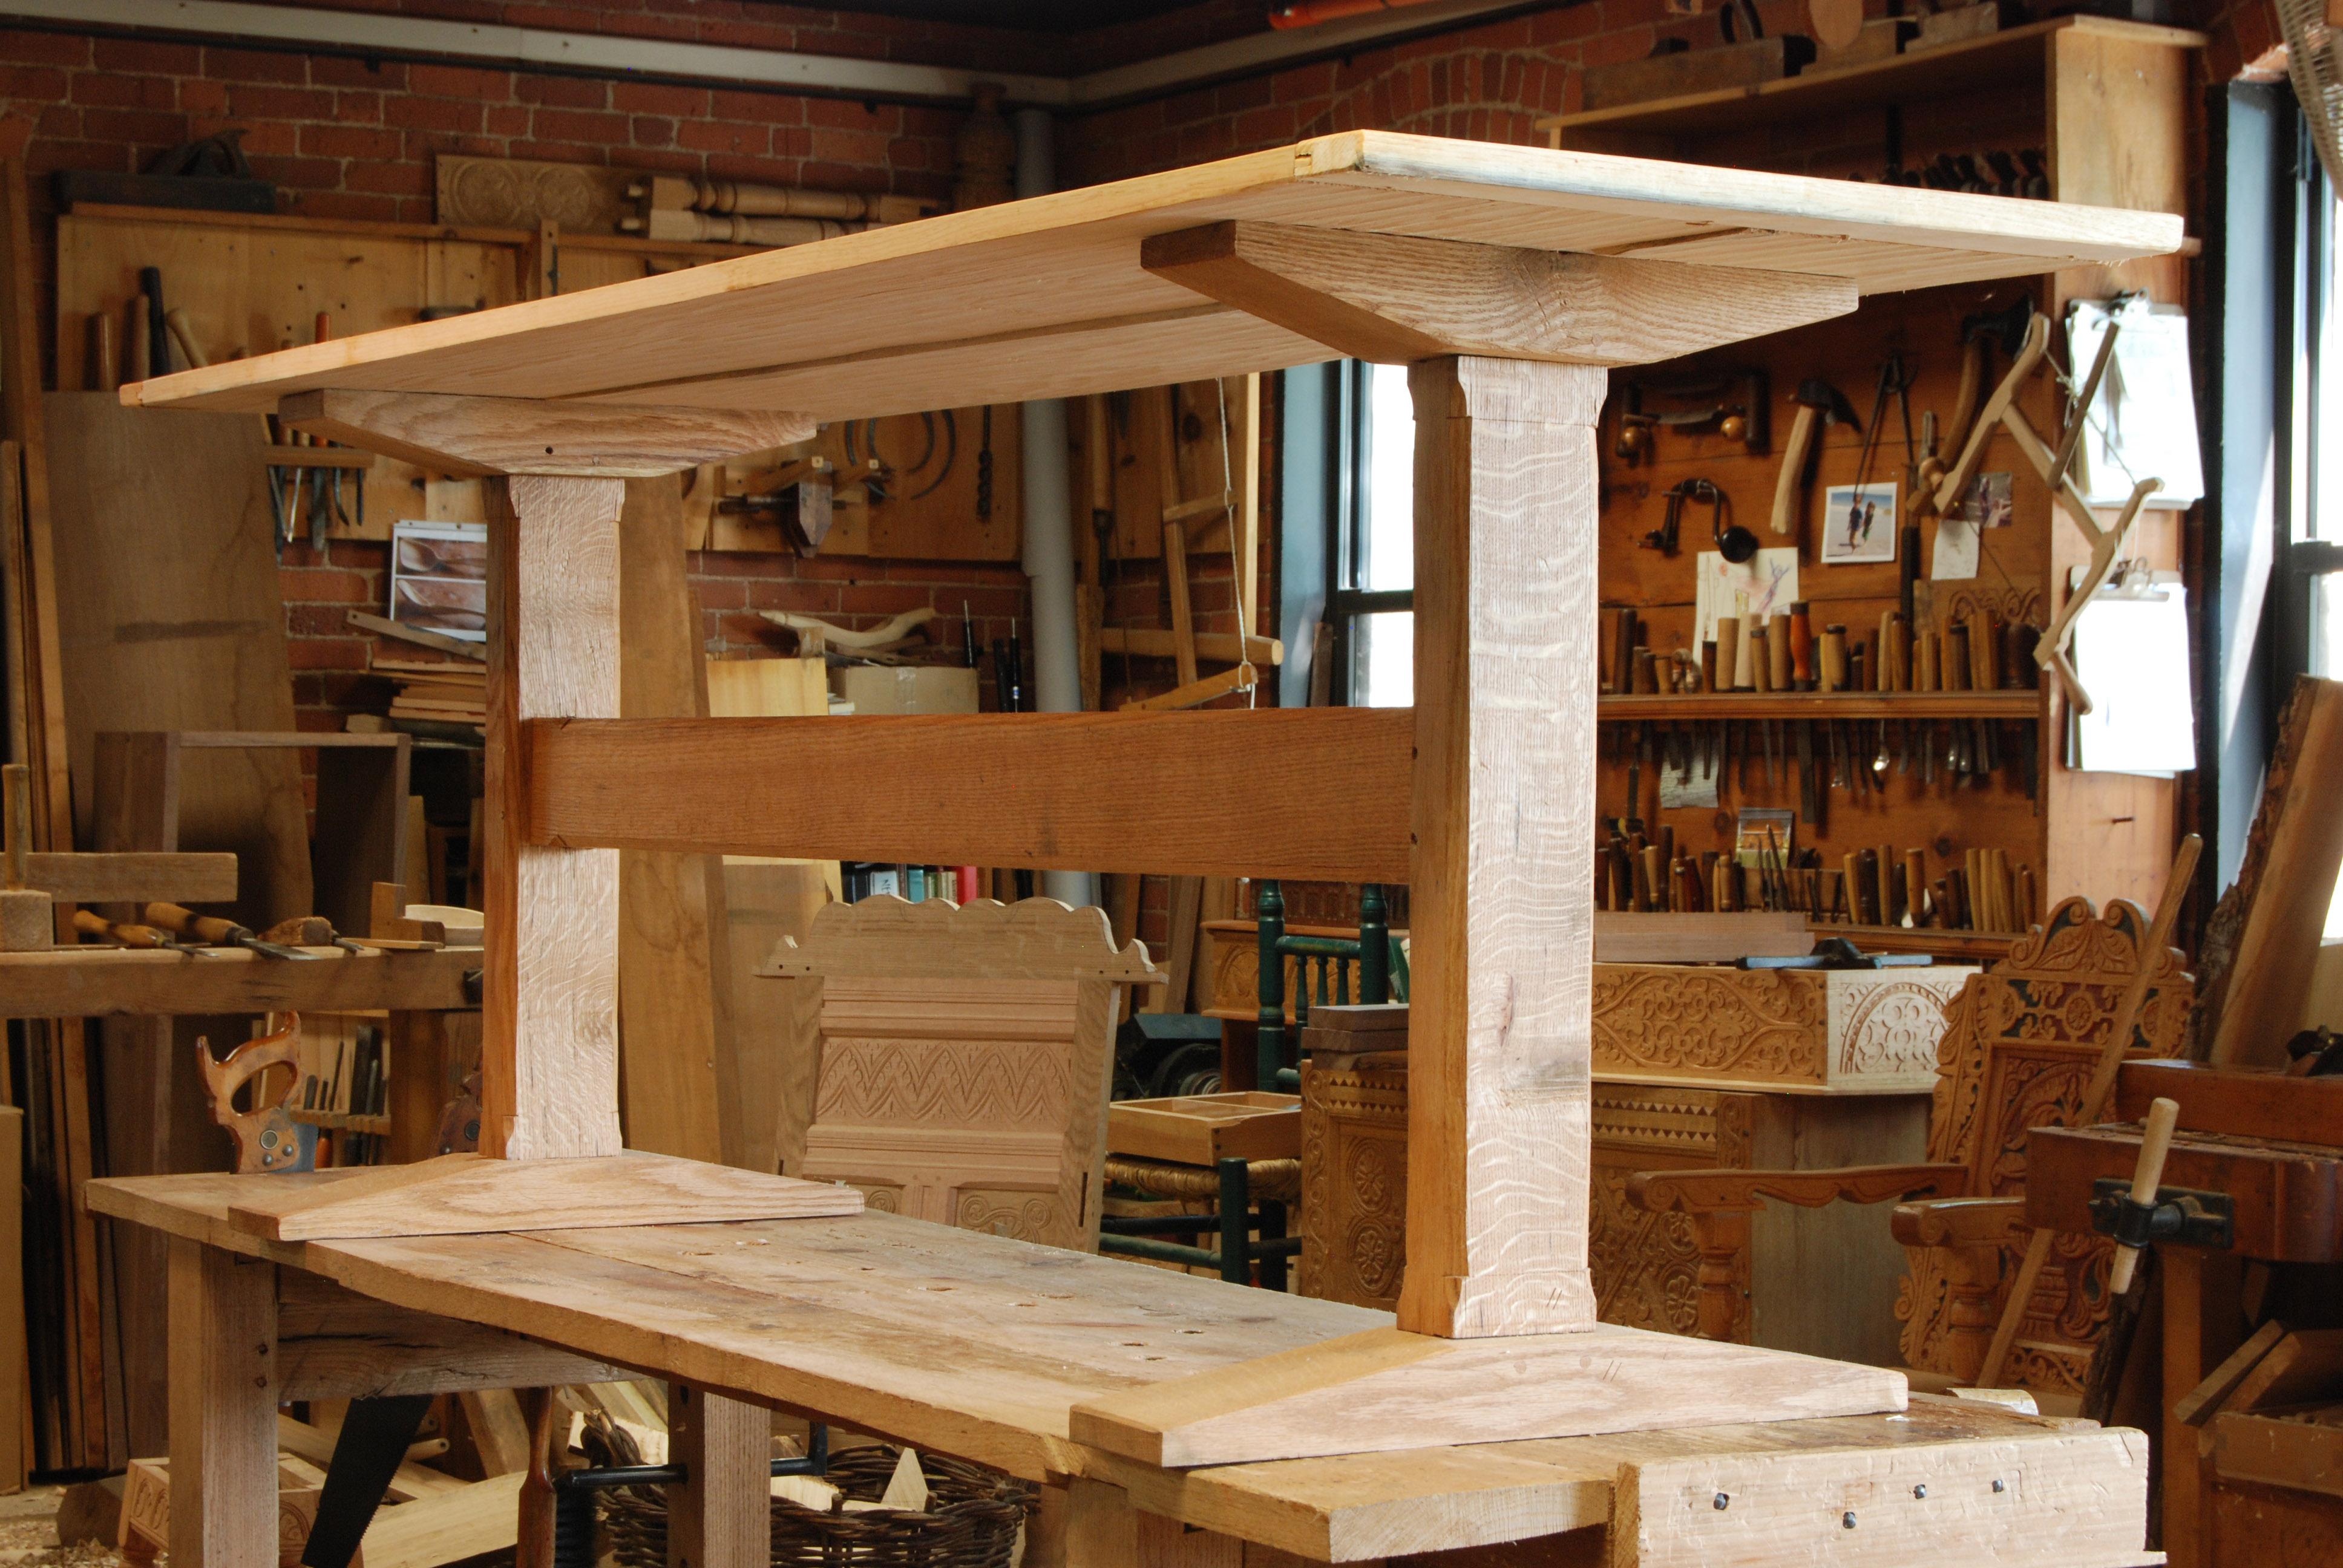 Trestle Table Design Plans